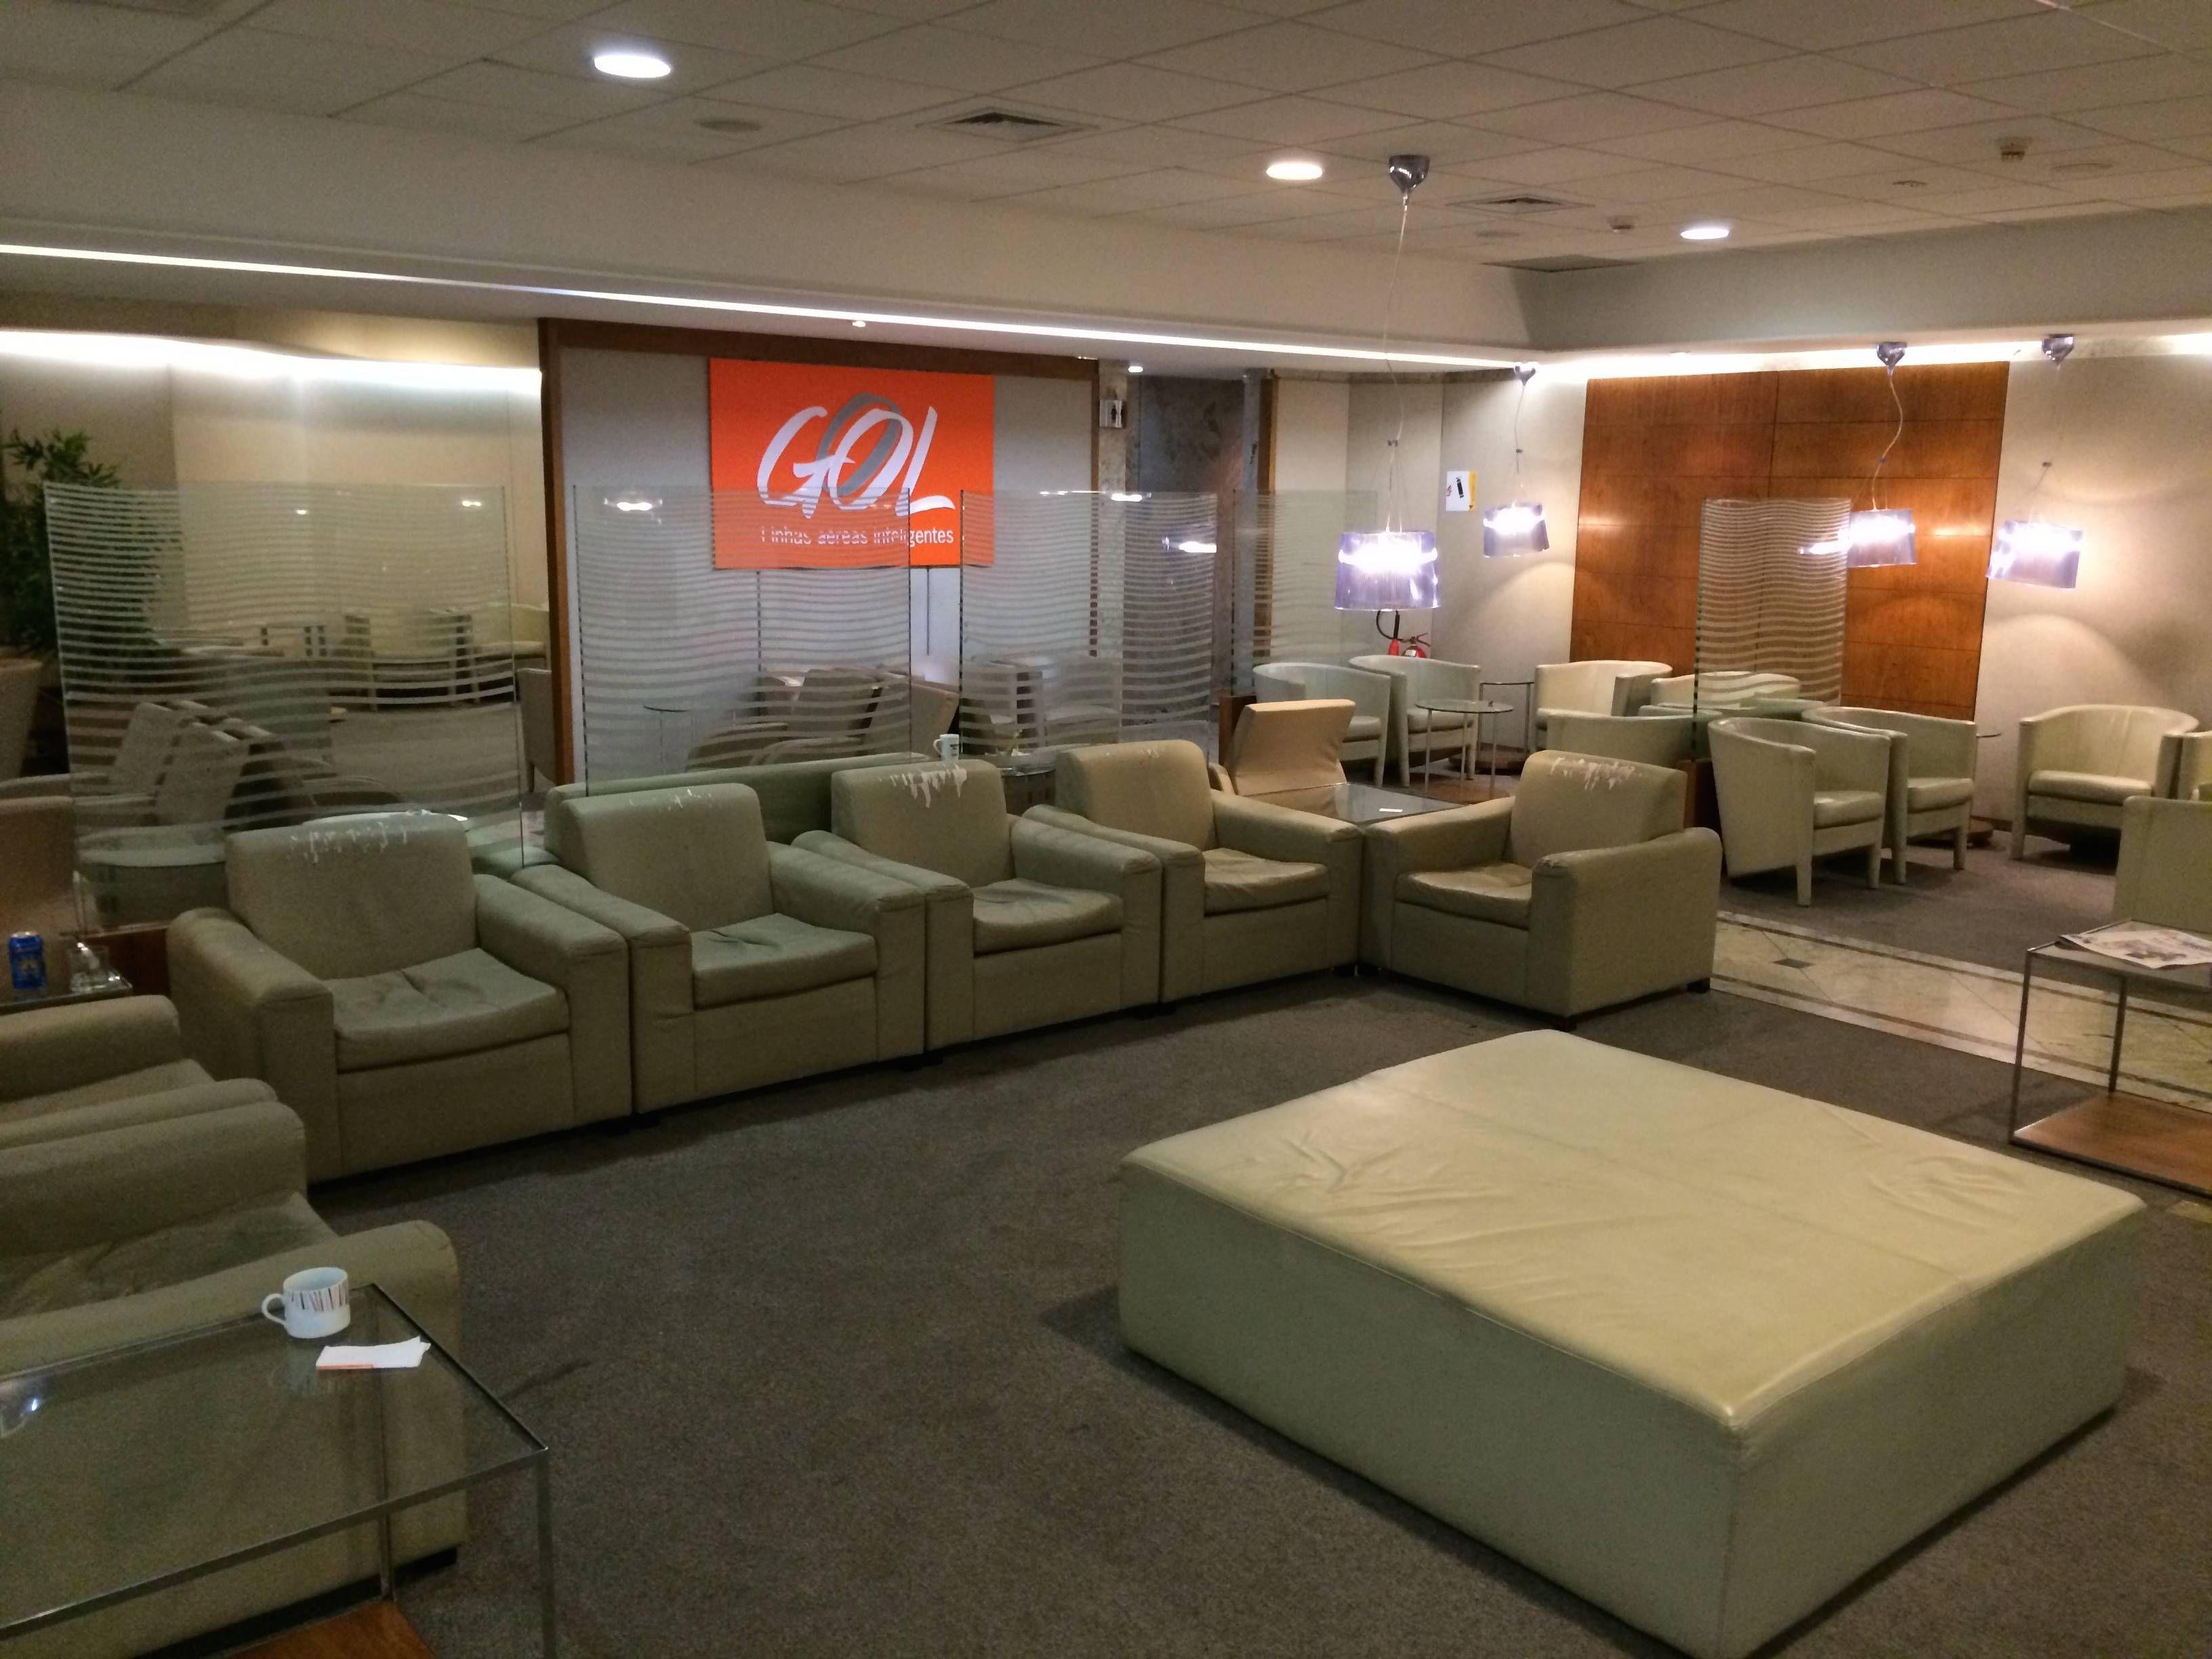 Sala VIP Smiles – Aeroporto de São Paulo (GRU)